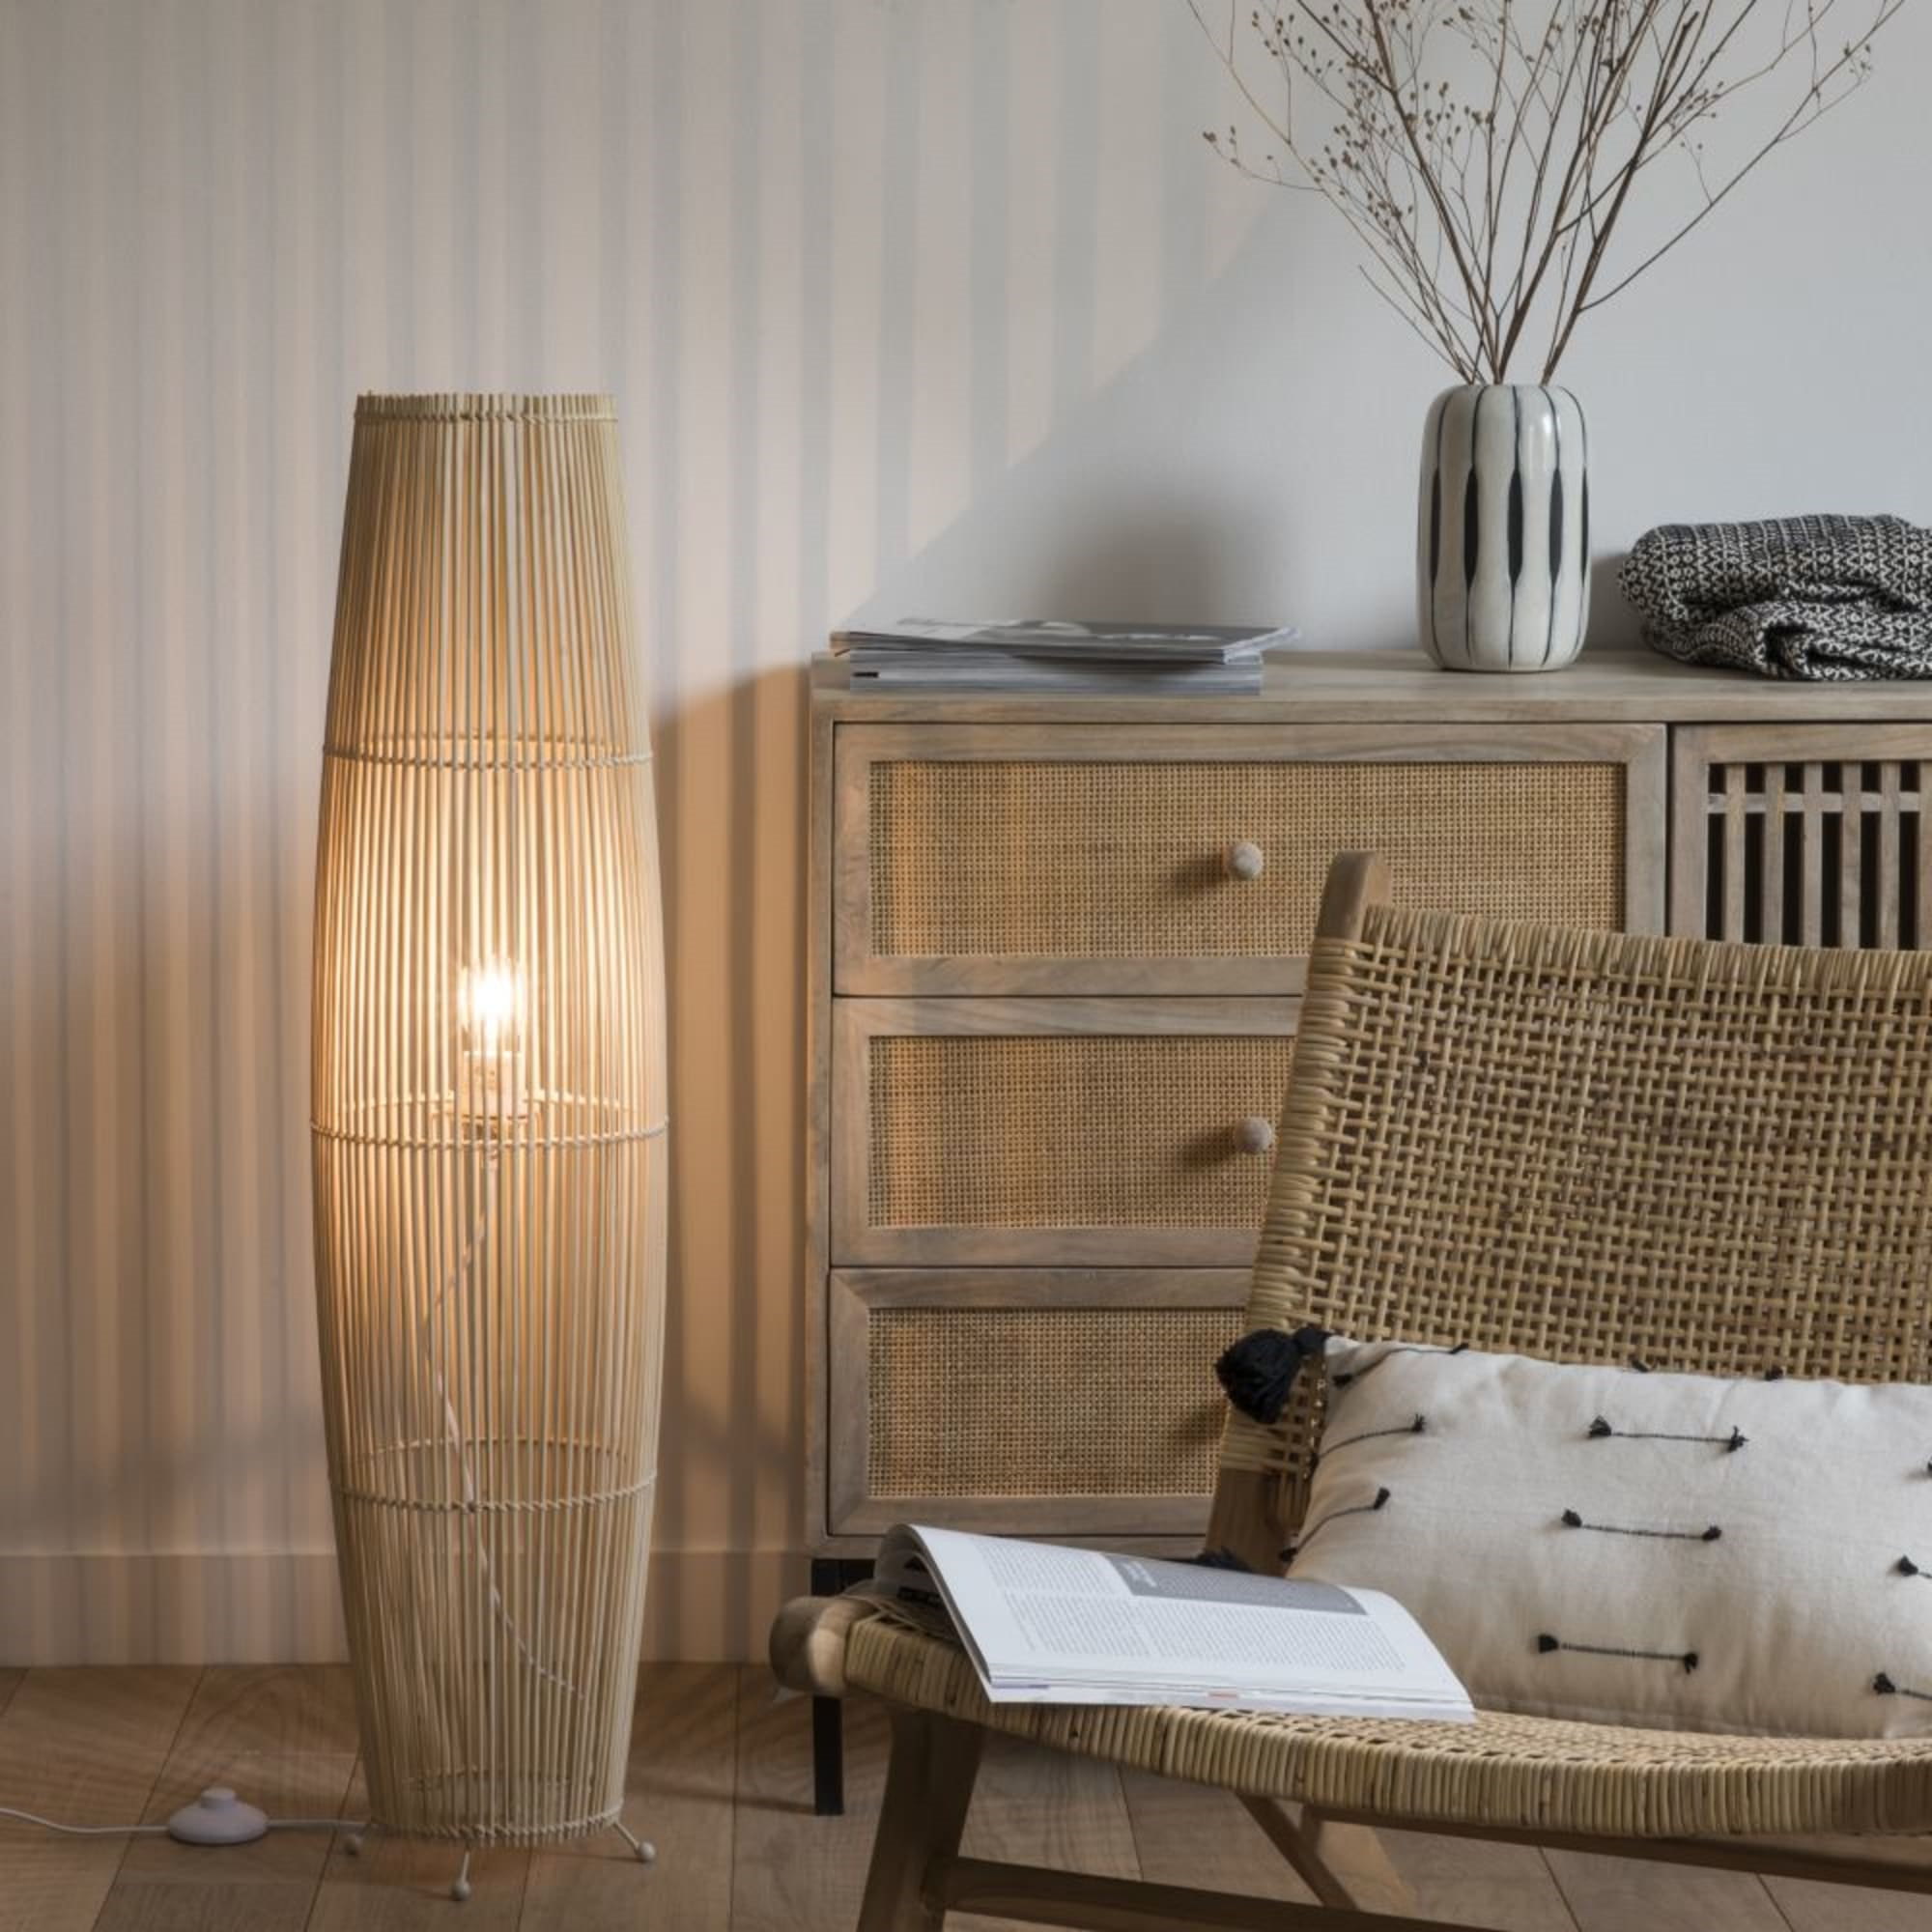 Luminaires Maison du Monde - Lampadaires en bambou